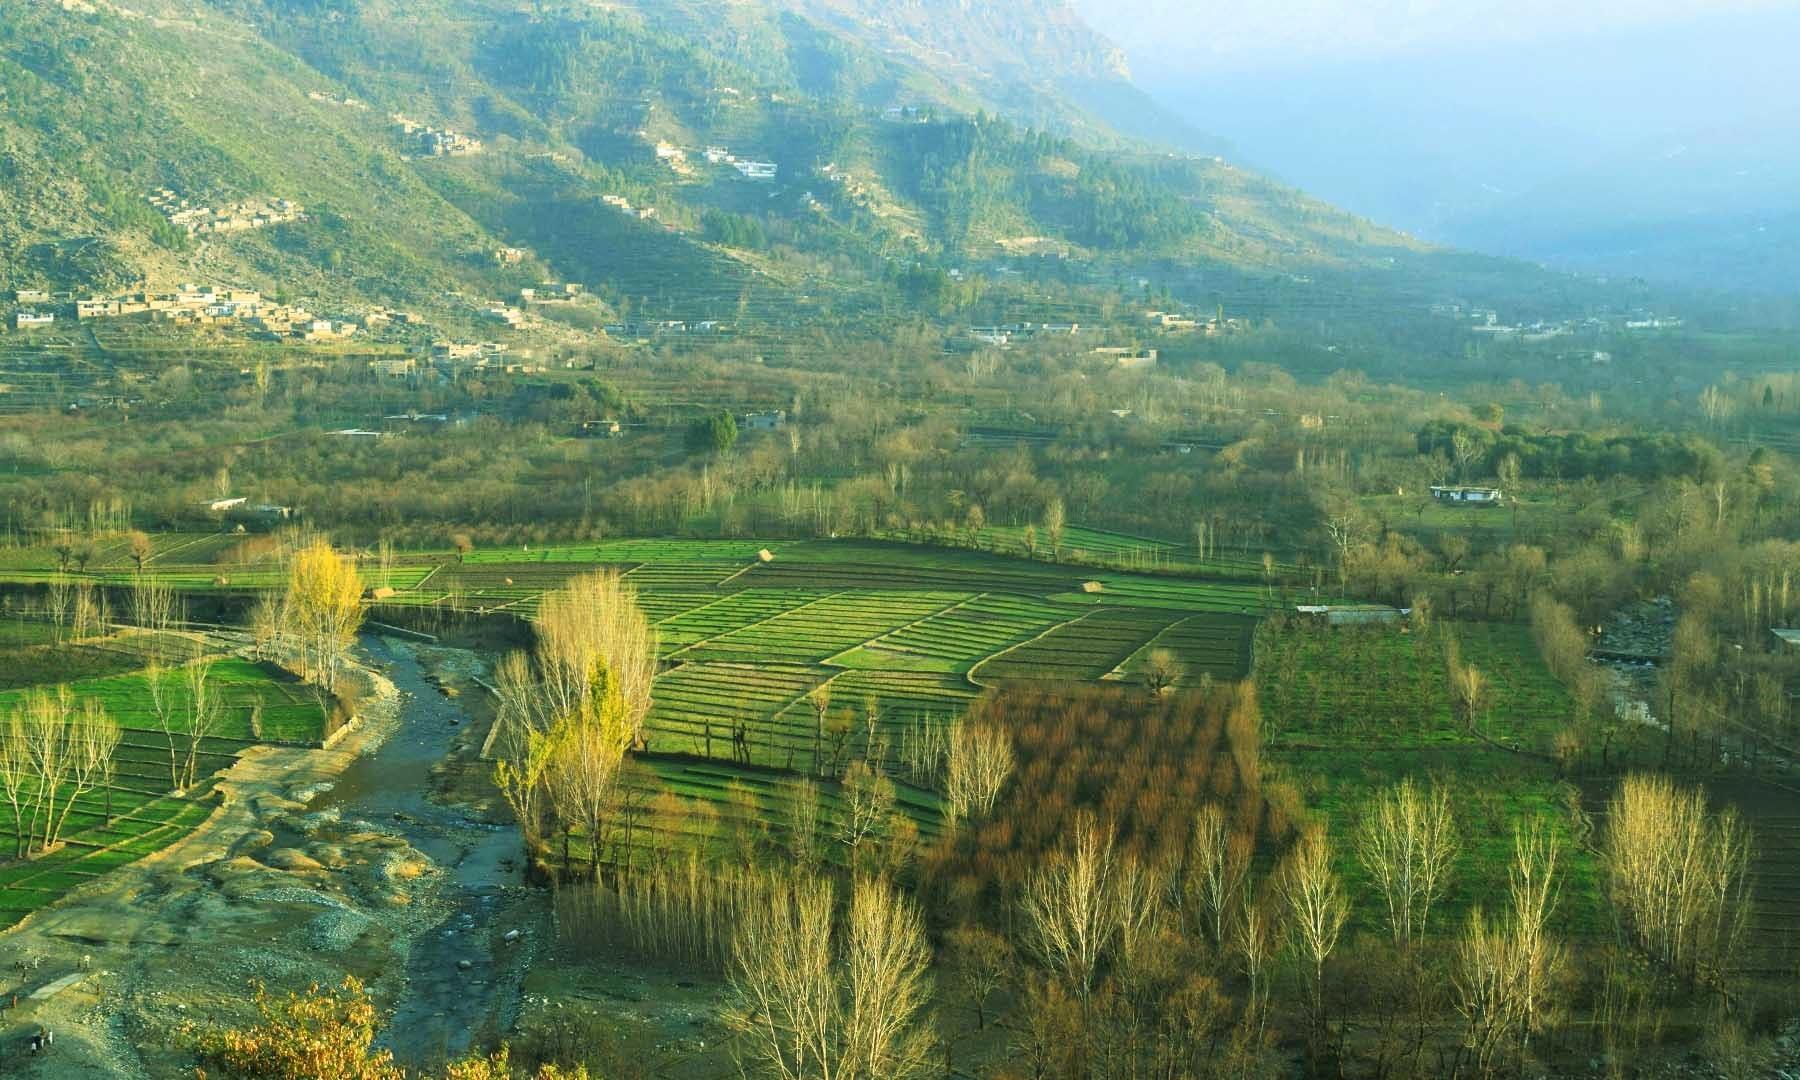 منگلور گاؤں کا پہاڑی سے نظارہ—تصویر امجد علی سحاب